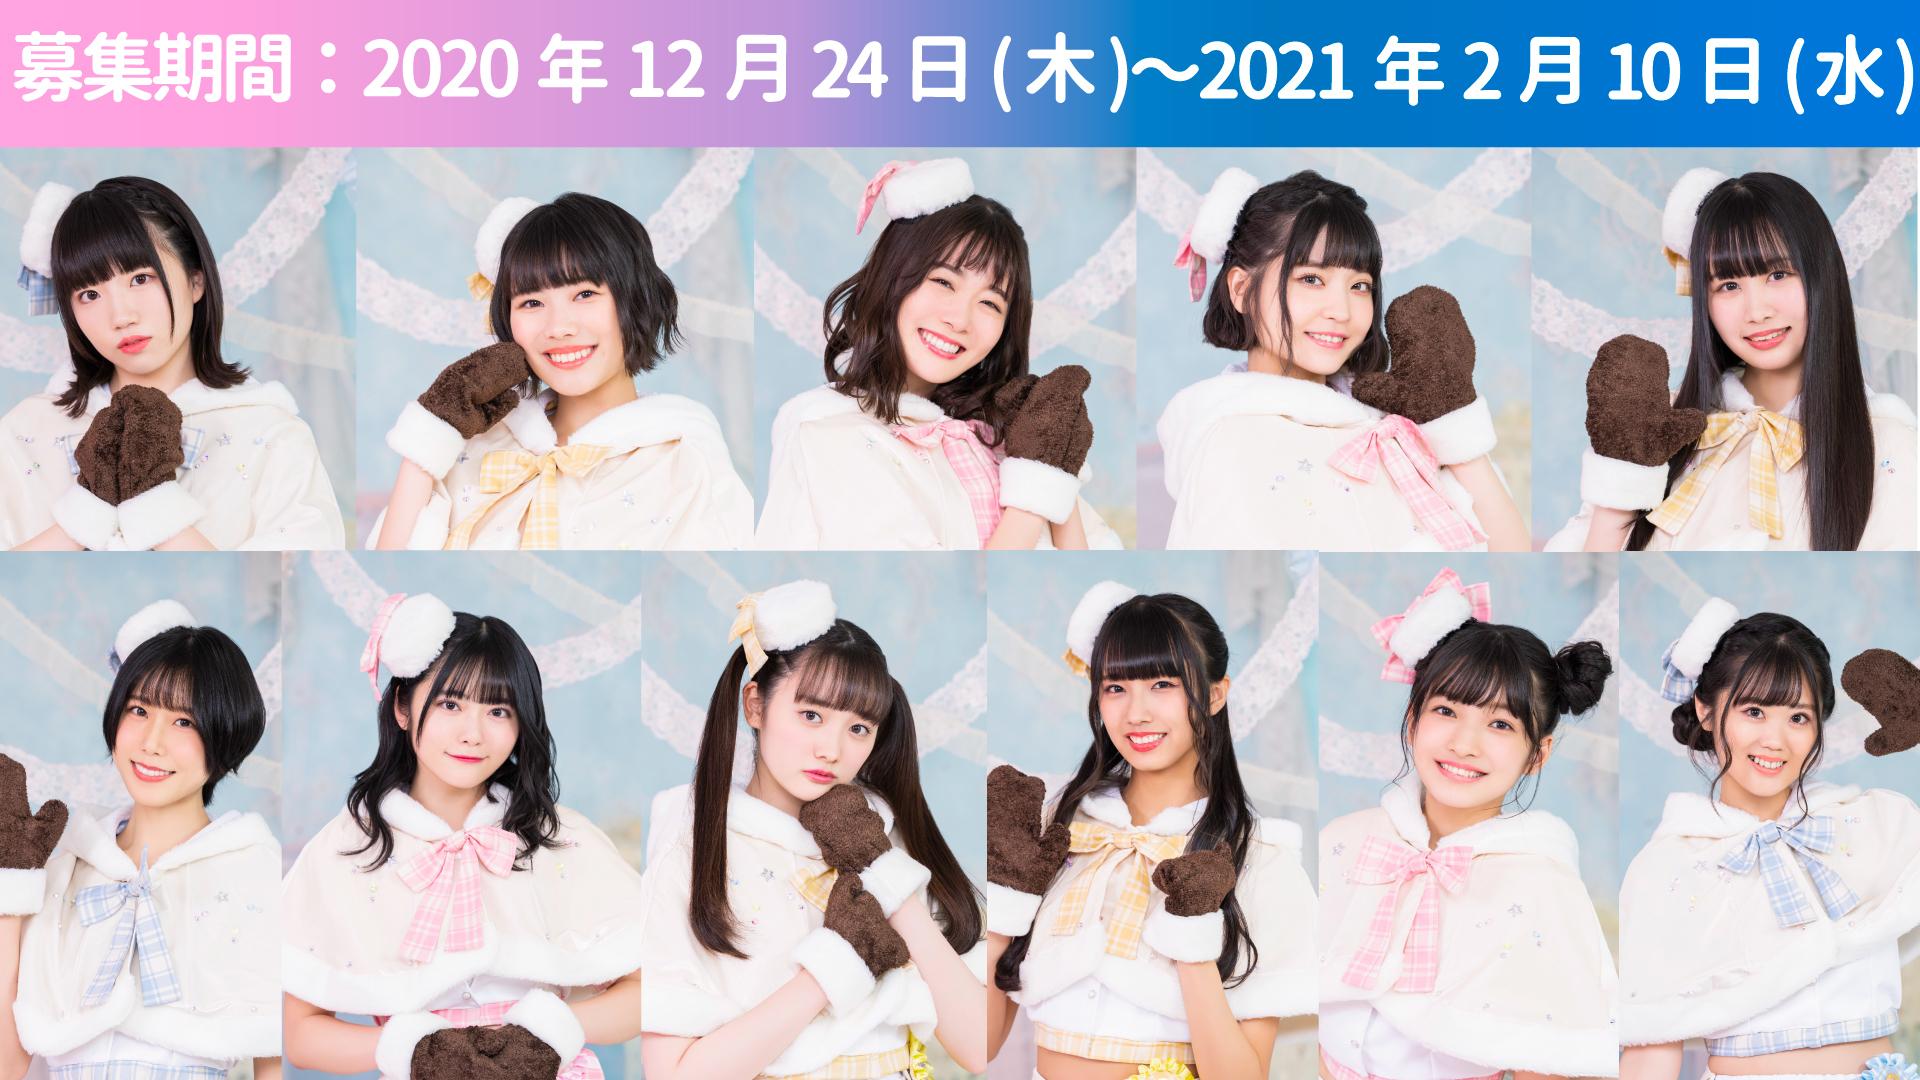 2020 アイドル オーディション